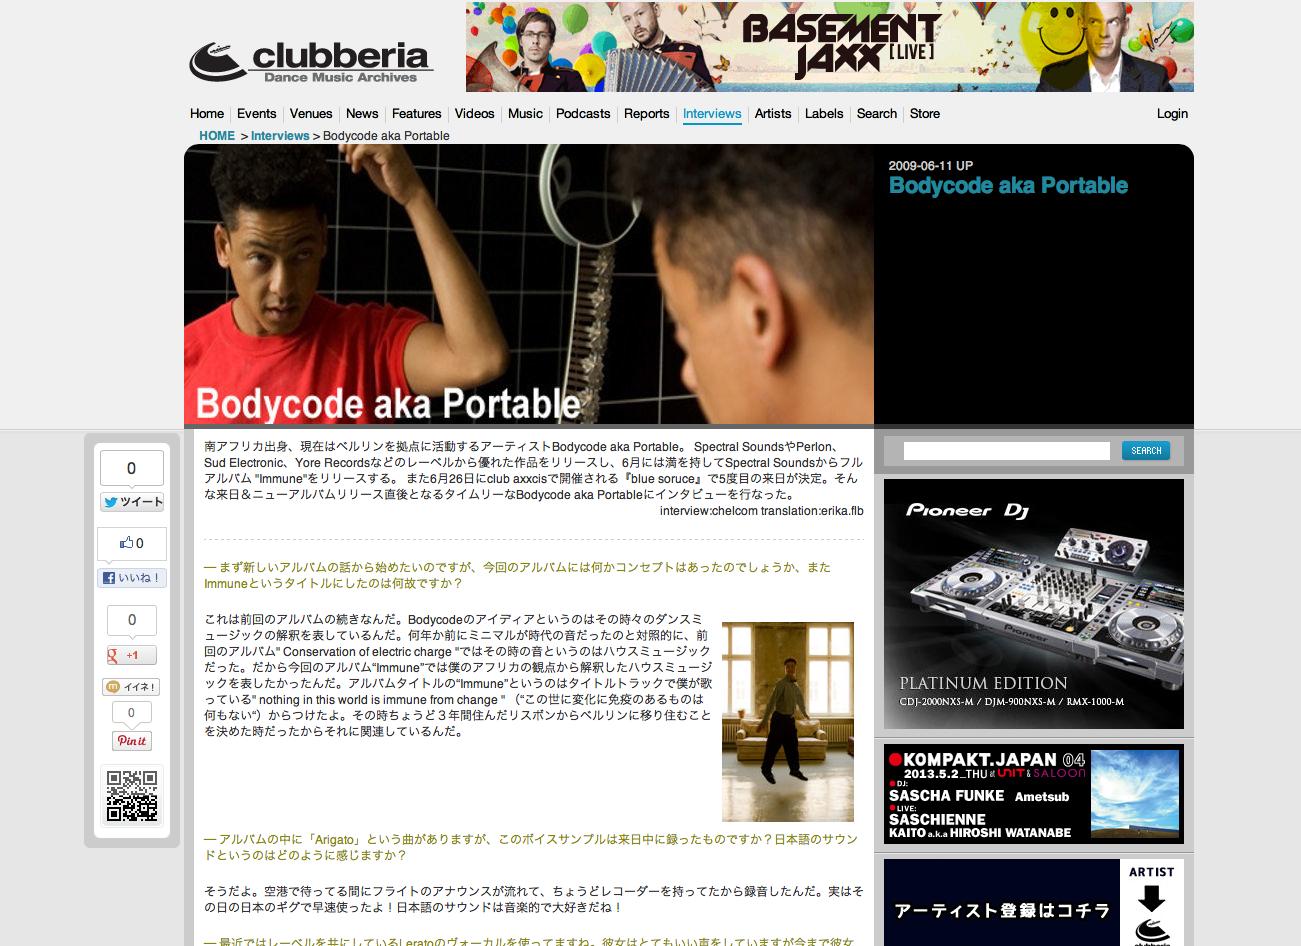 Screen Shot 2013-04-15 at 23.31.02.png